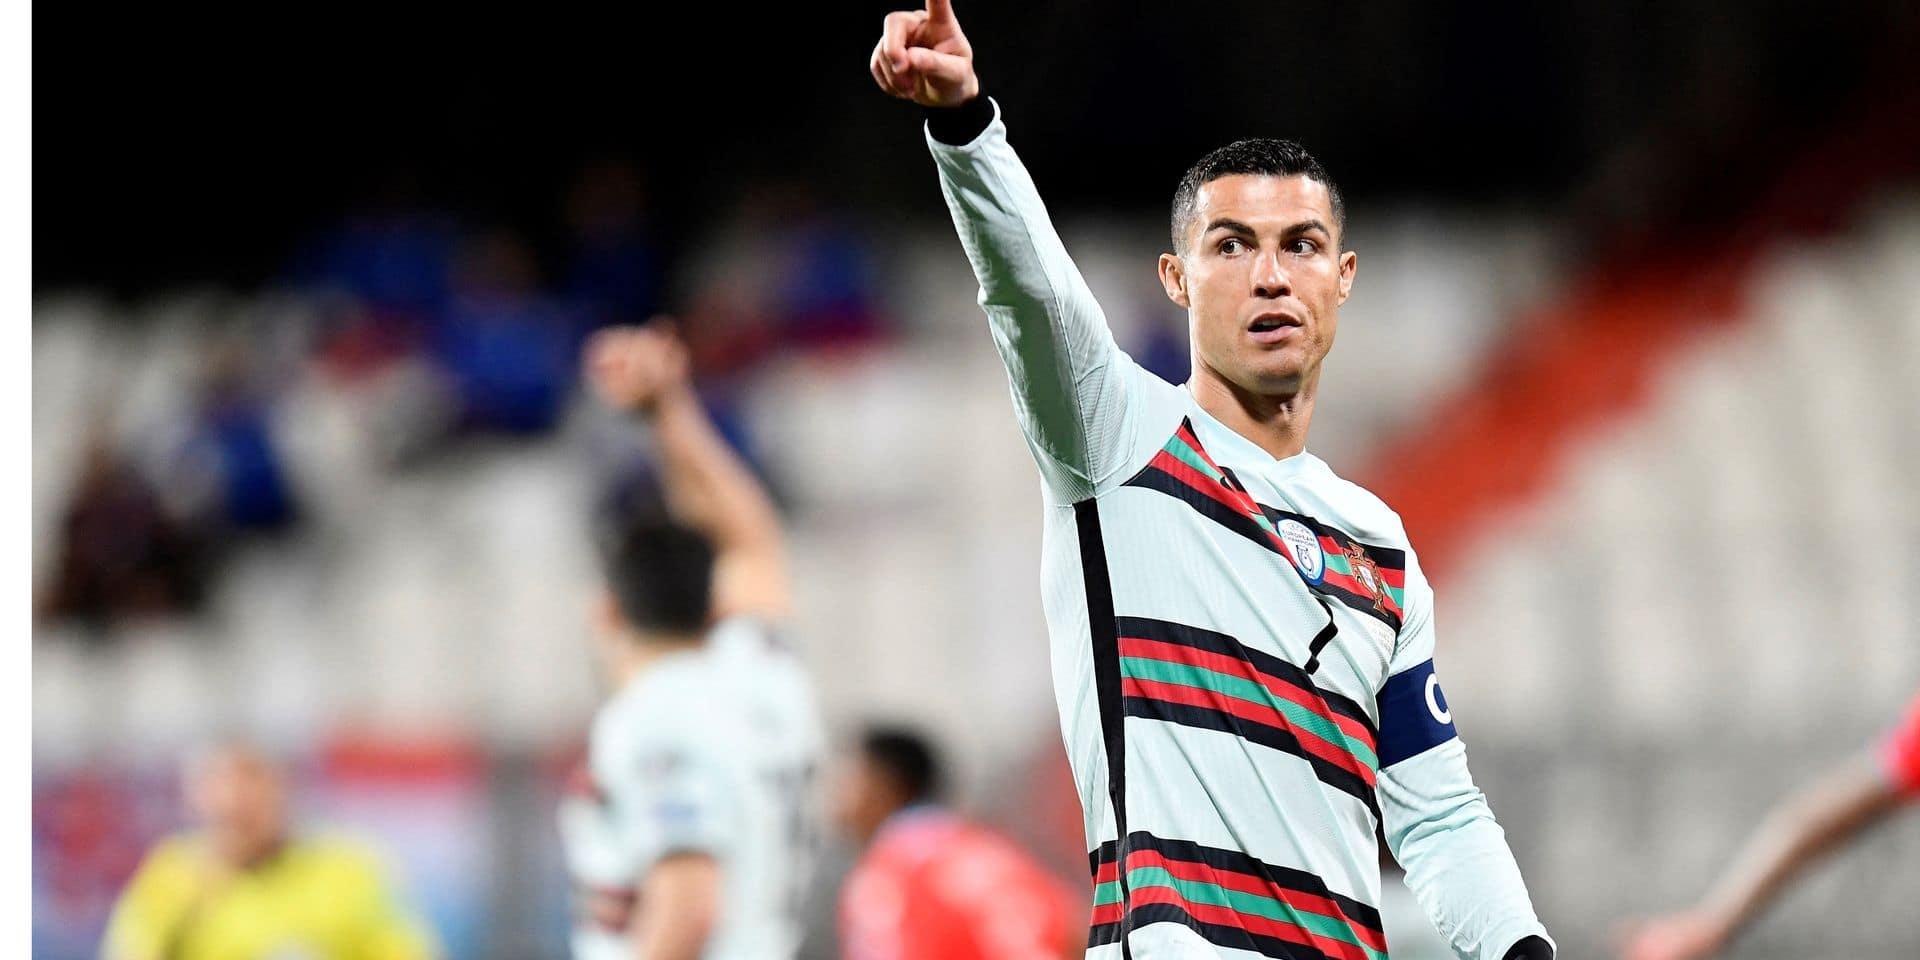 24 pays, 24 Euro stars: Cristiano Ronaldo, une dernière chance de briller